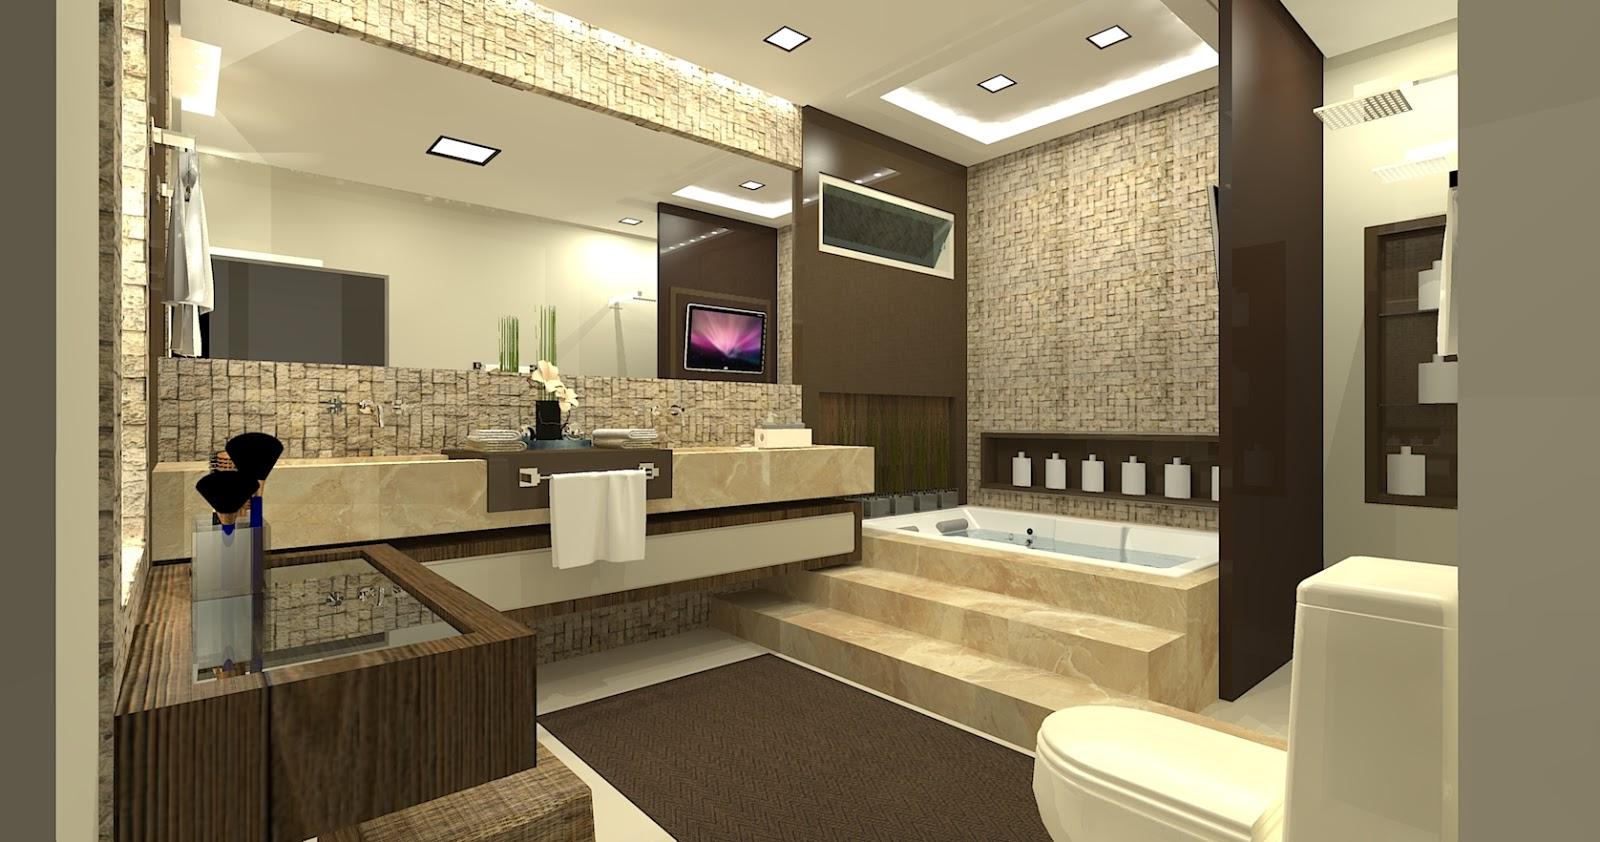 Iluminação em Nichos no Banheiro tijolosetecidos #A92257 1600 842